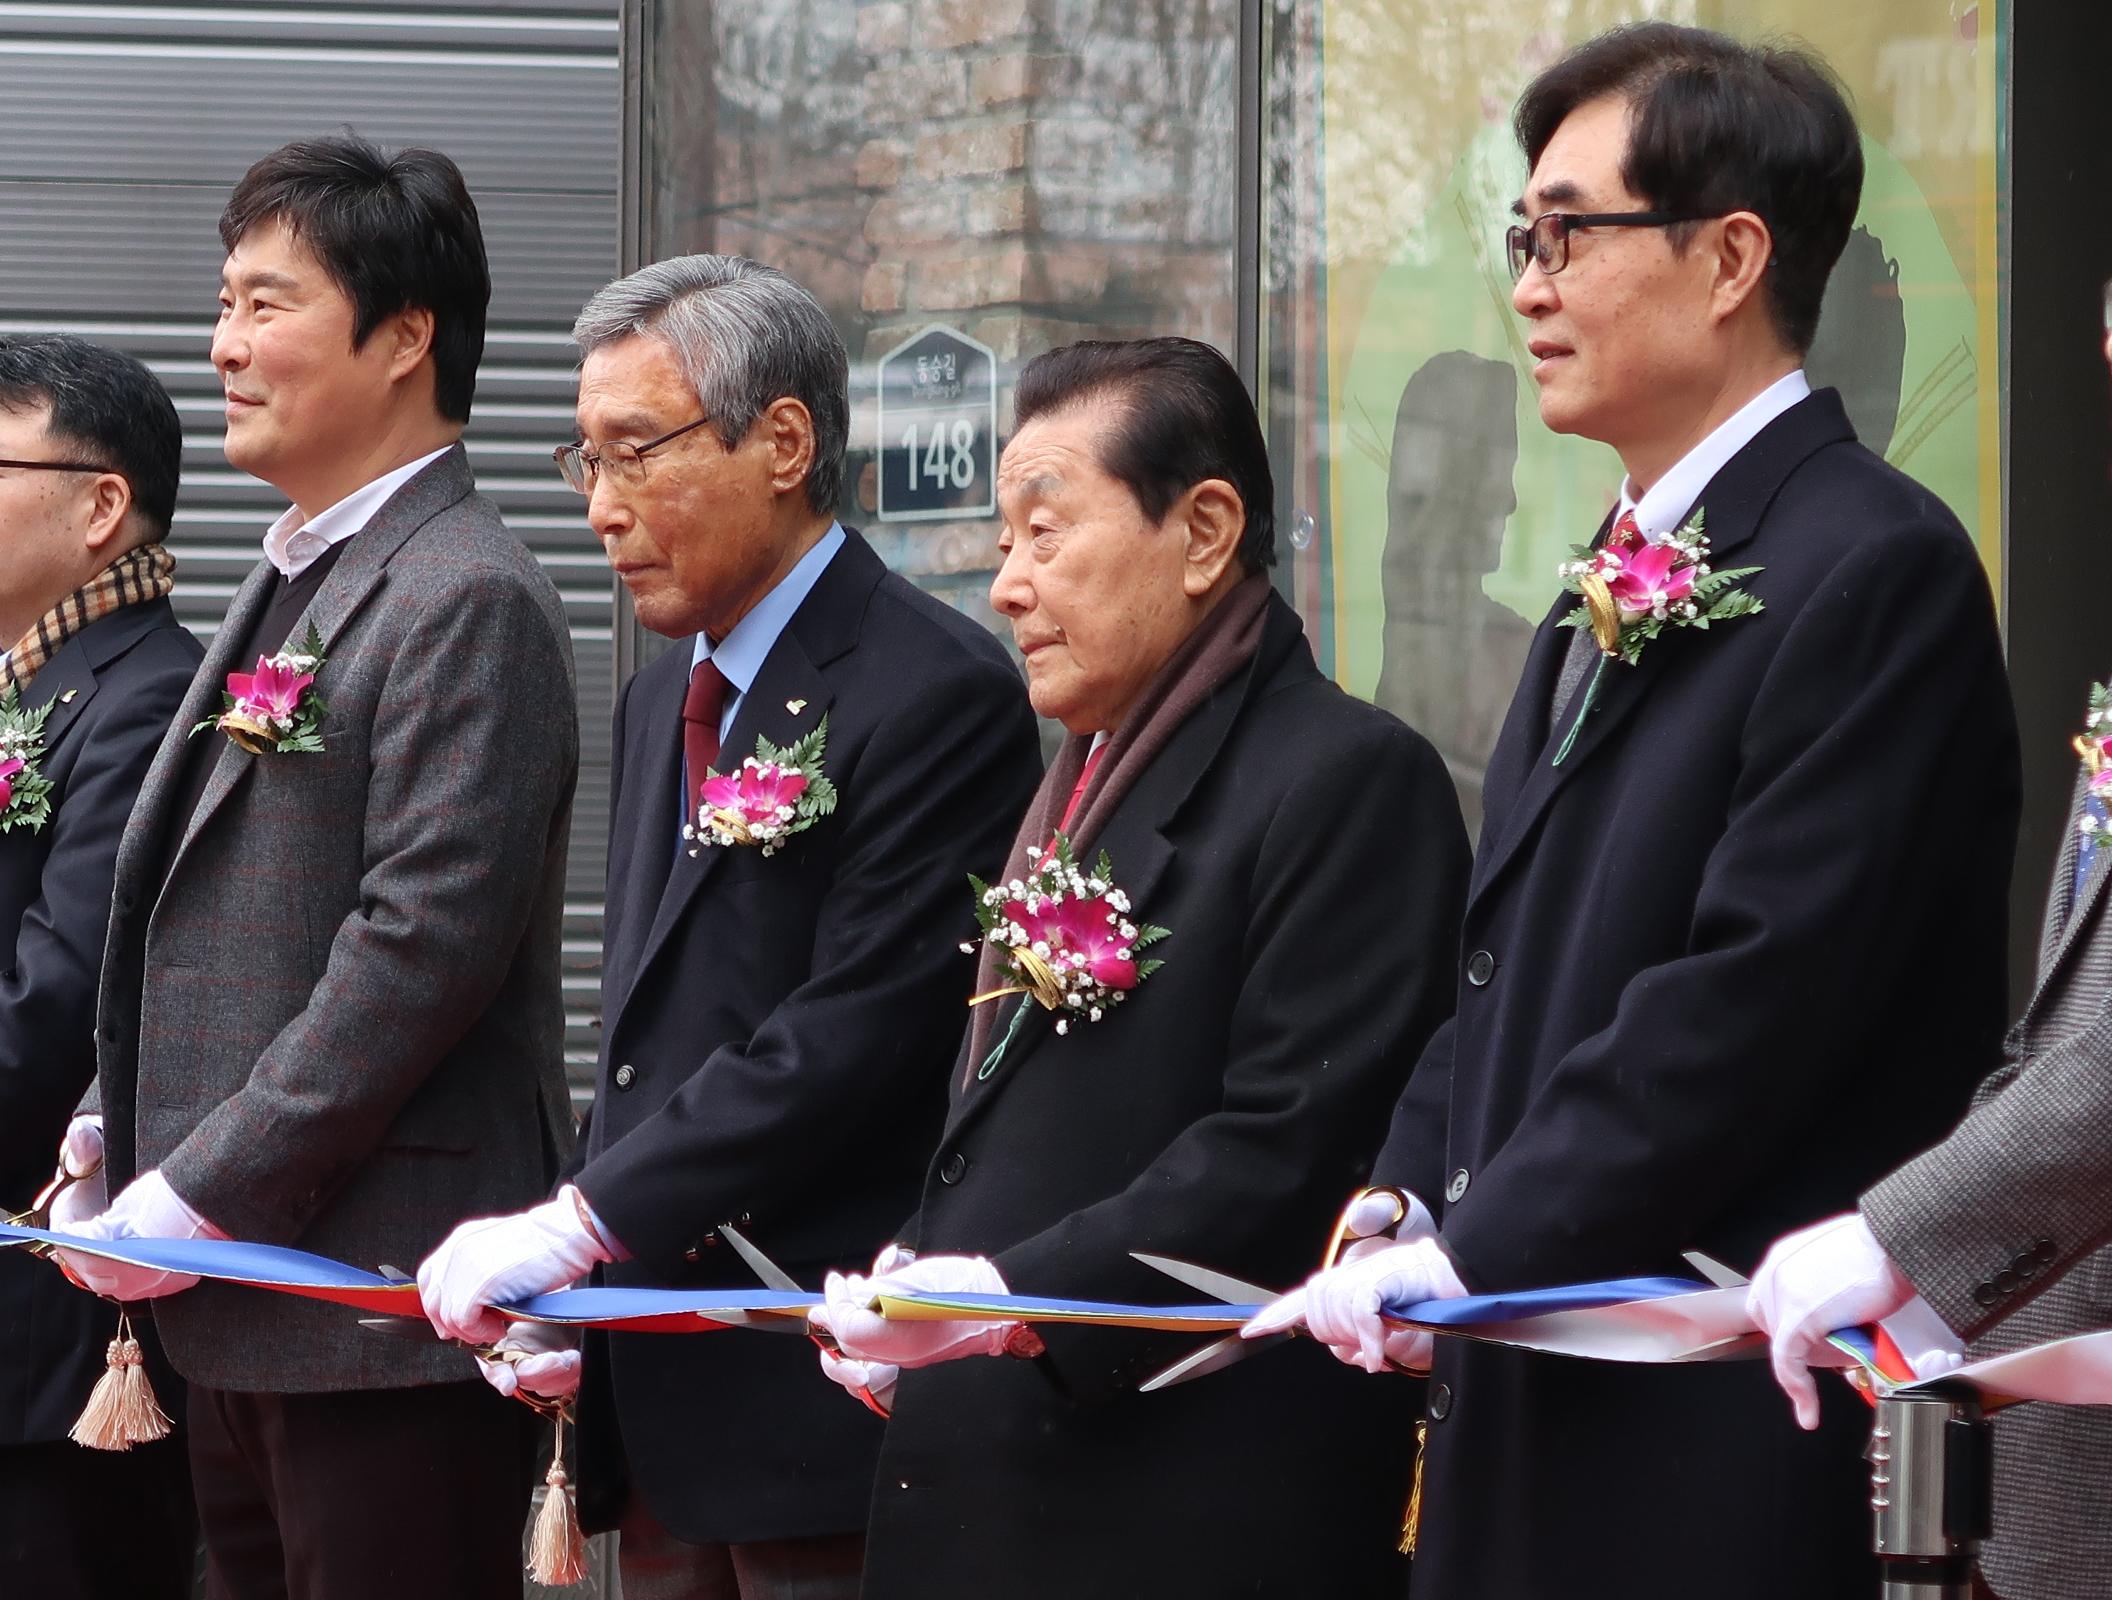 공연예술센터 개관식 컷팅식5.JPG